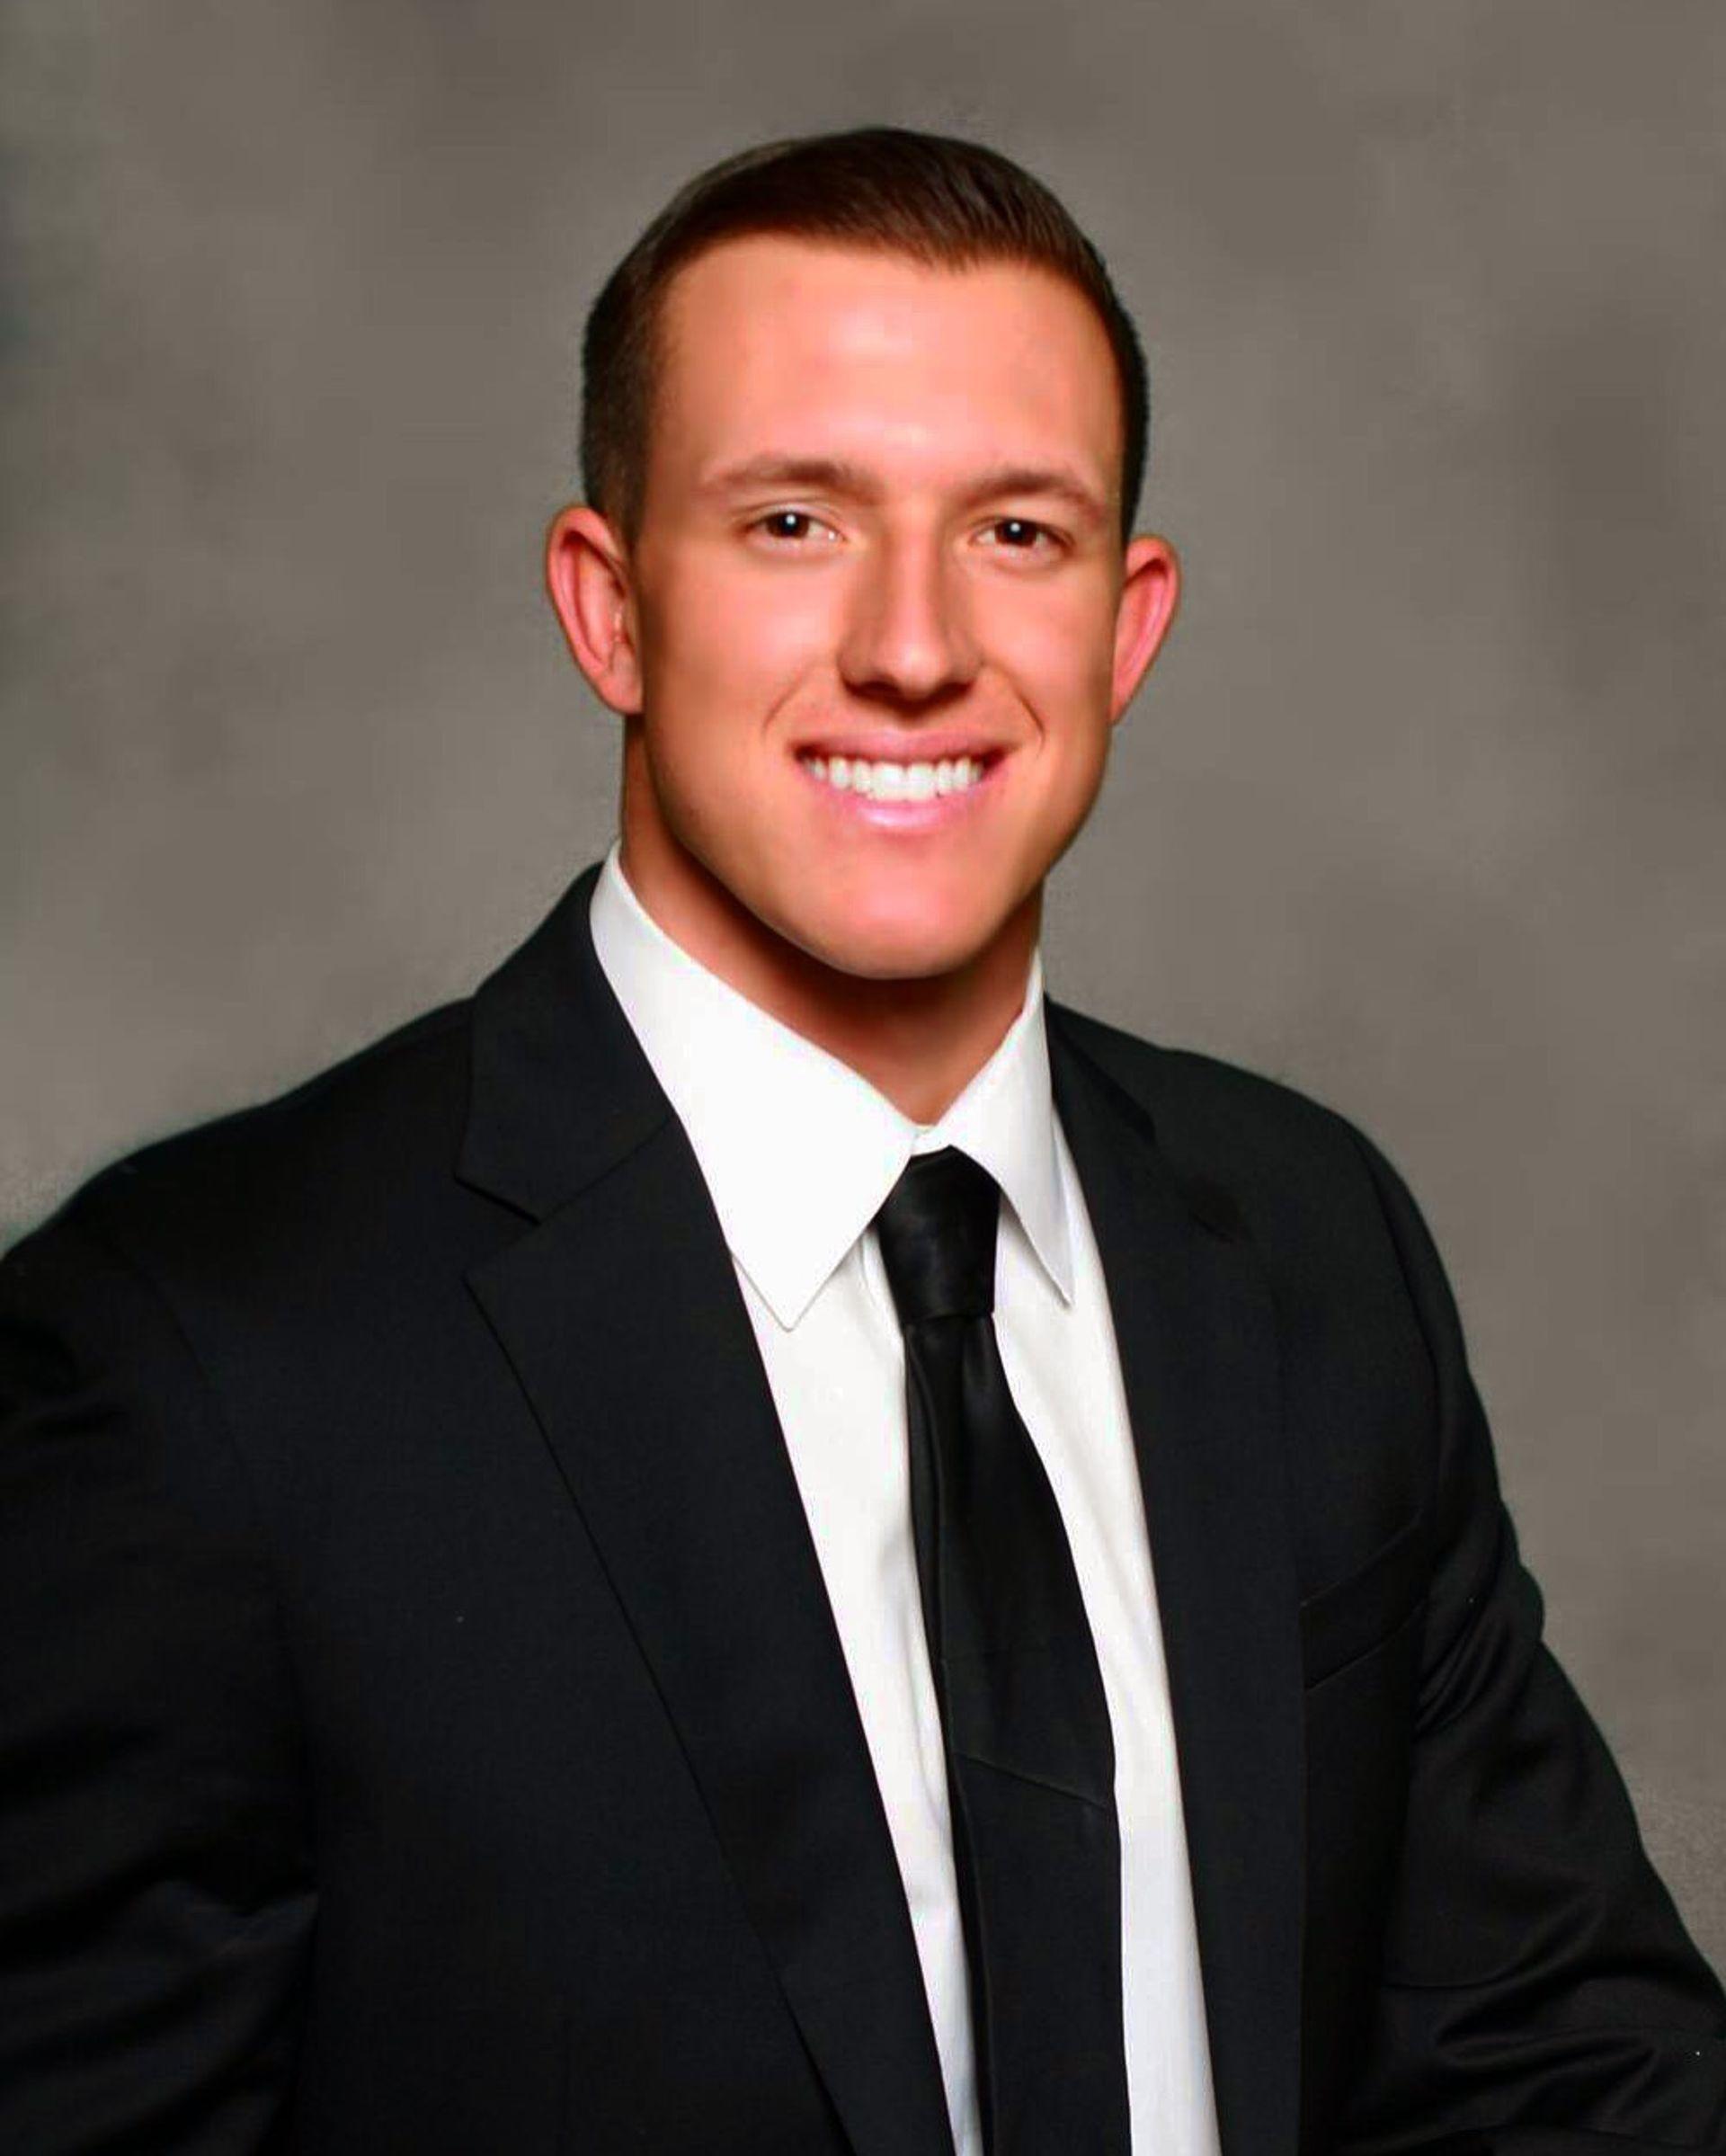 Zach Deaso